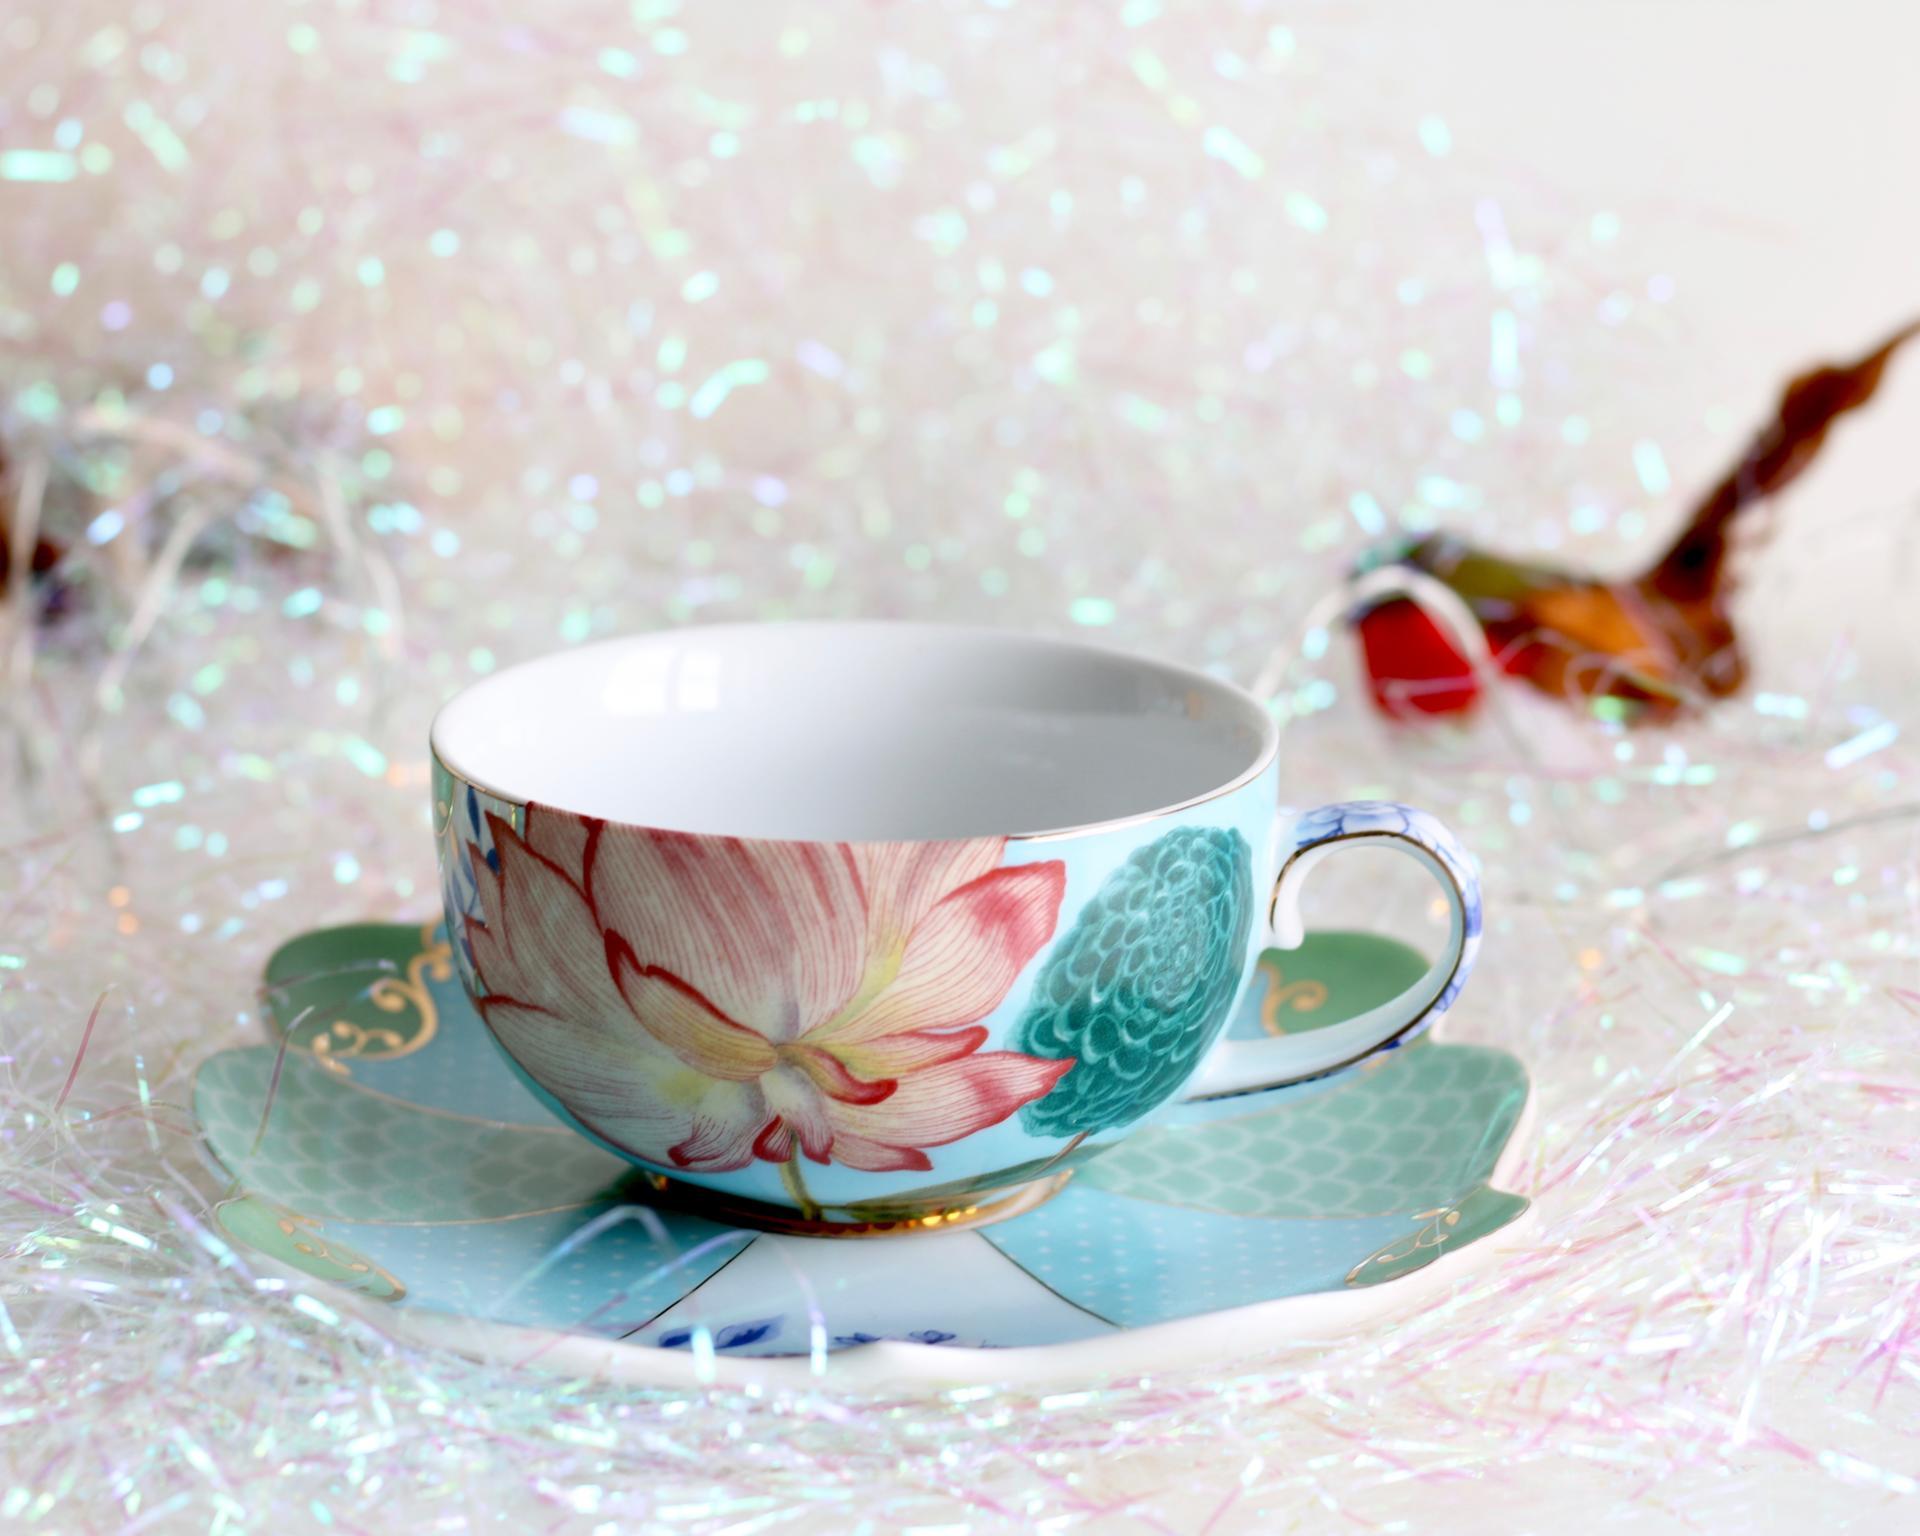 teacup-saucer